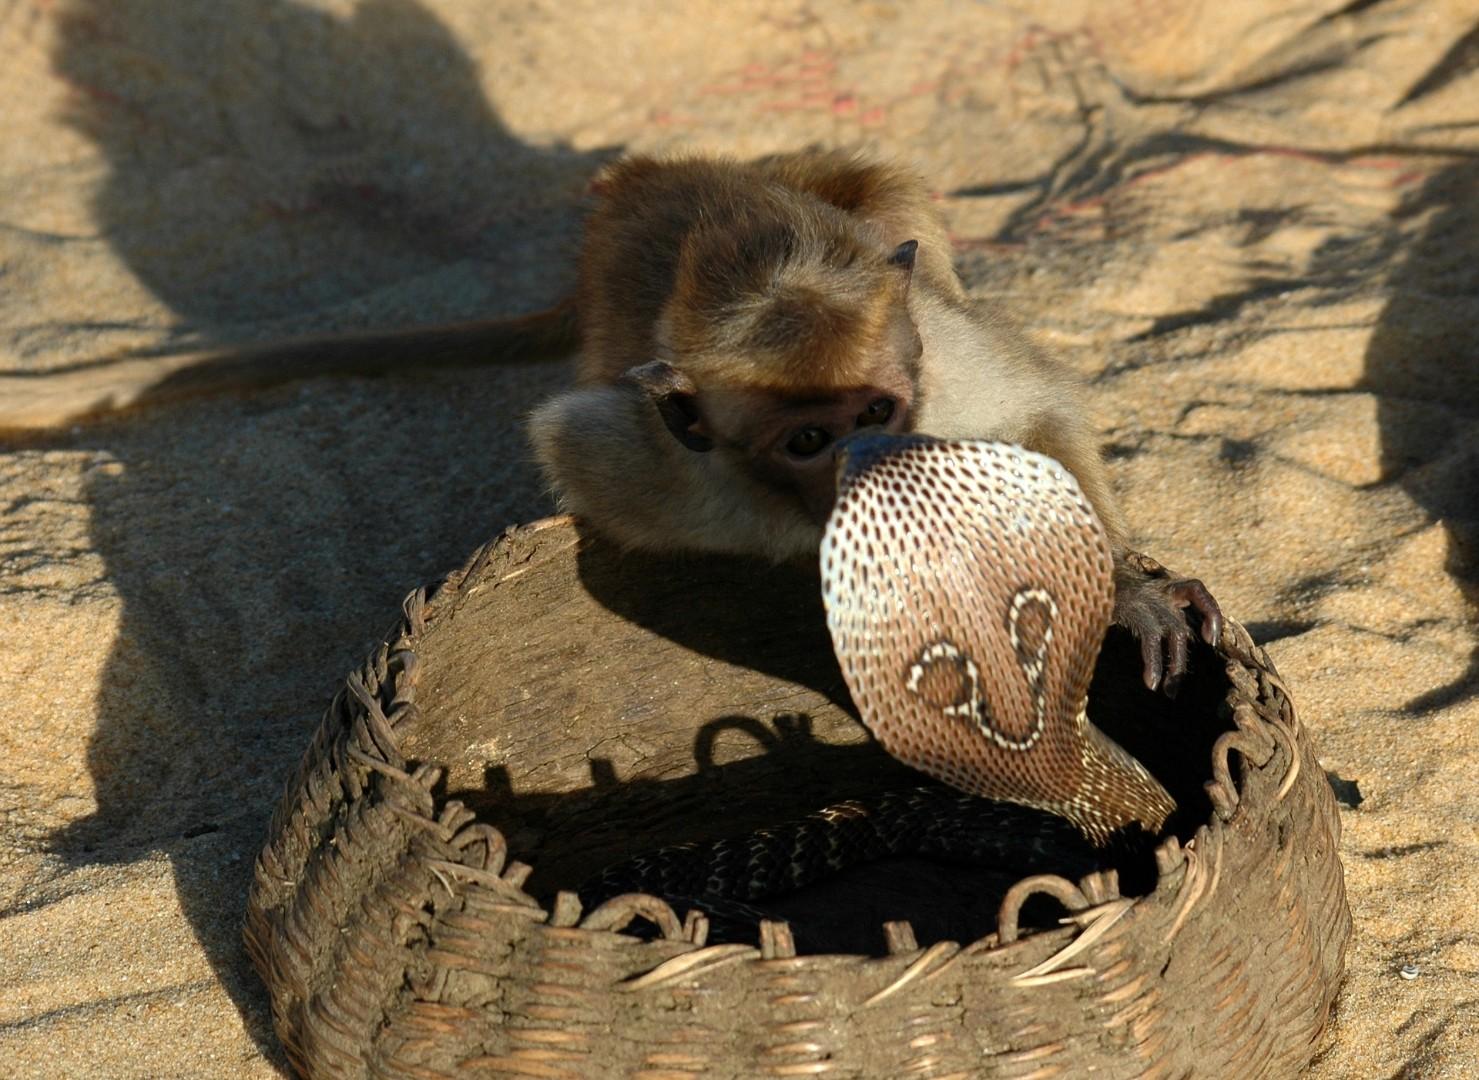 monkey-1245007_1920.jpg